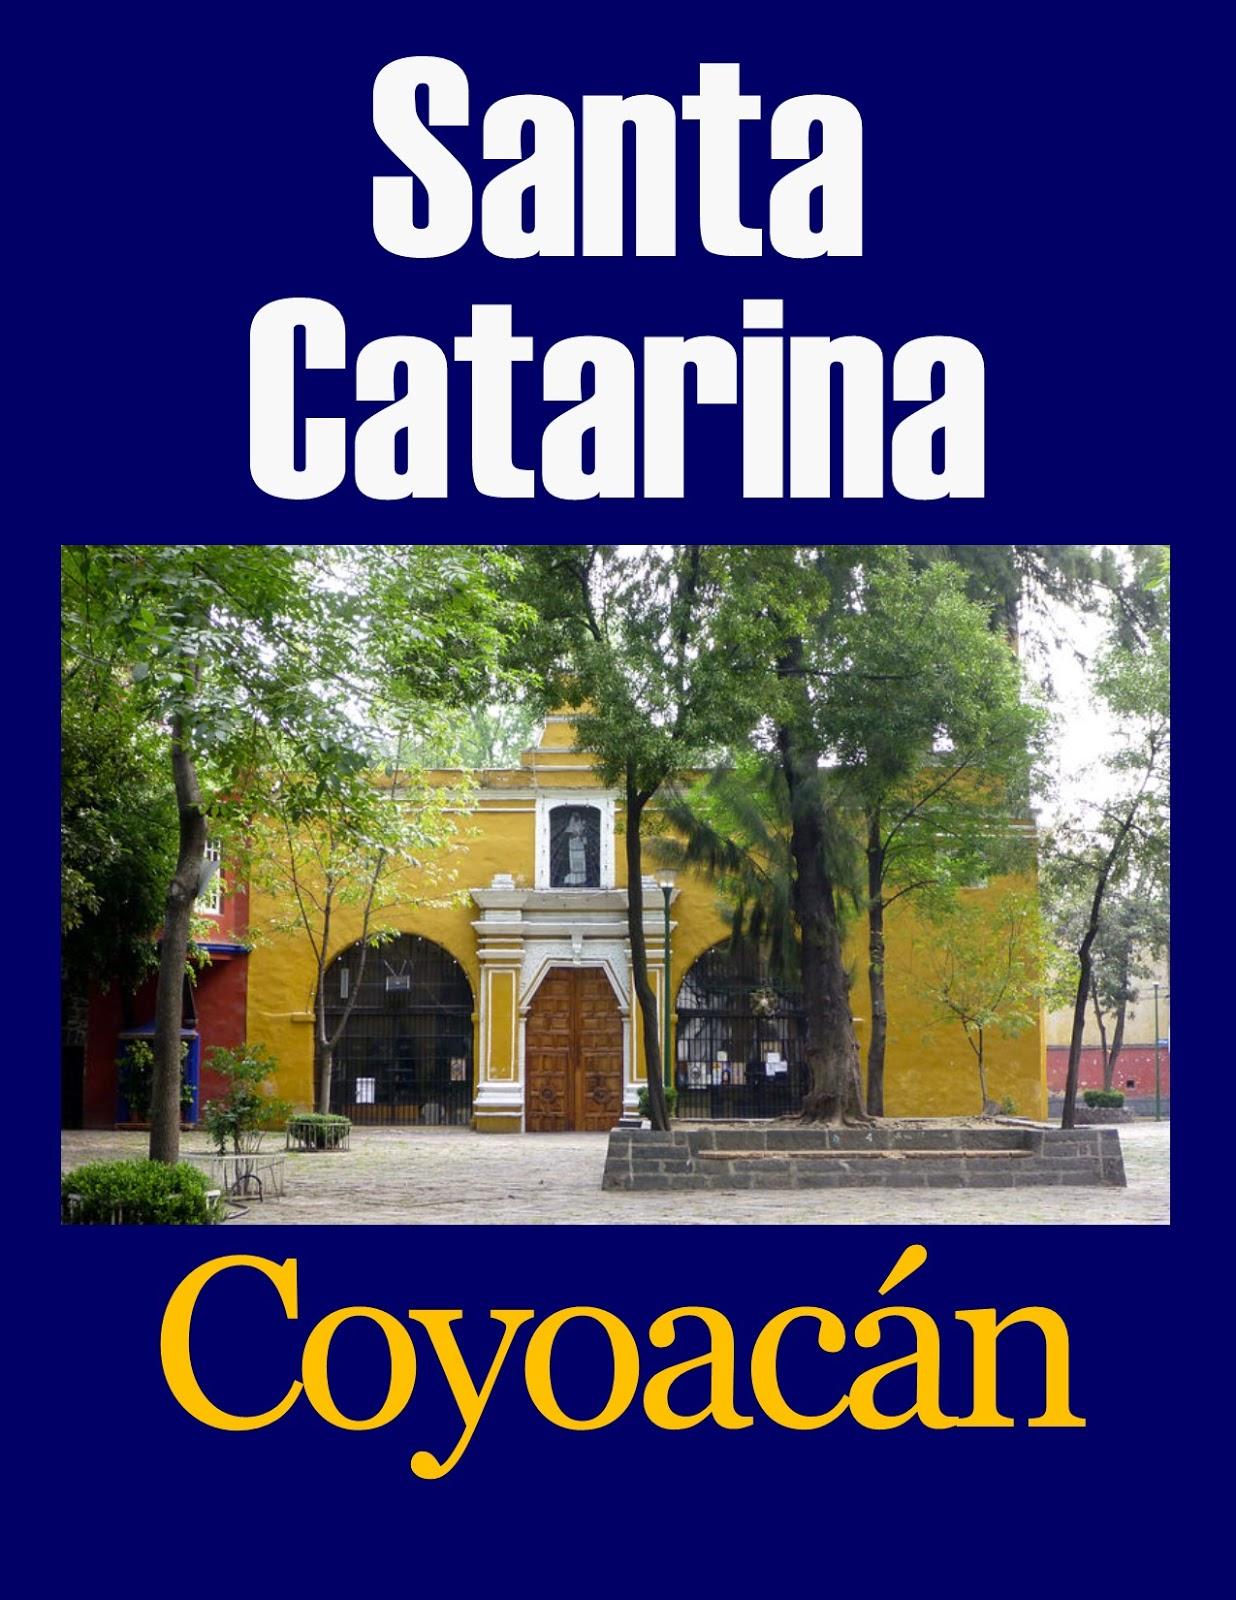 El Barrio de Santa Catarina 34d25f7ecaf4c